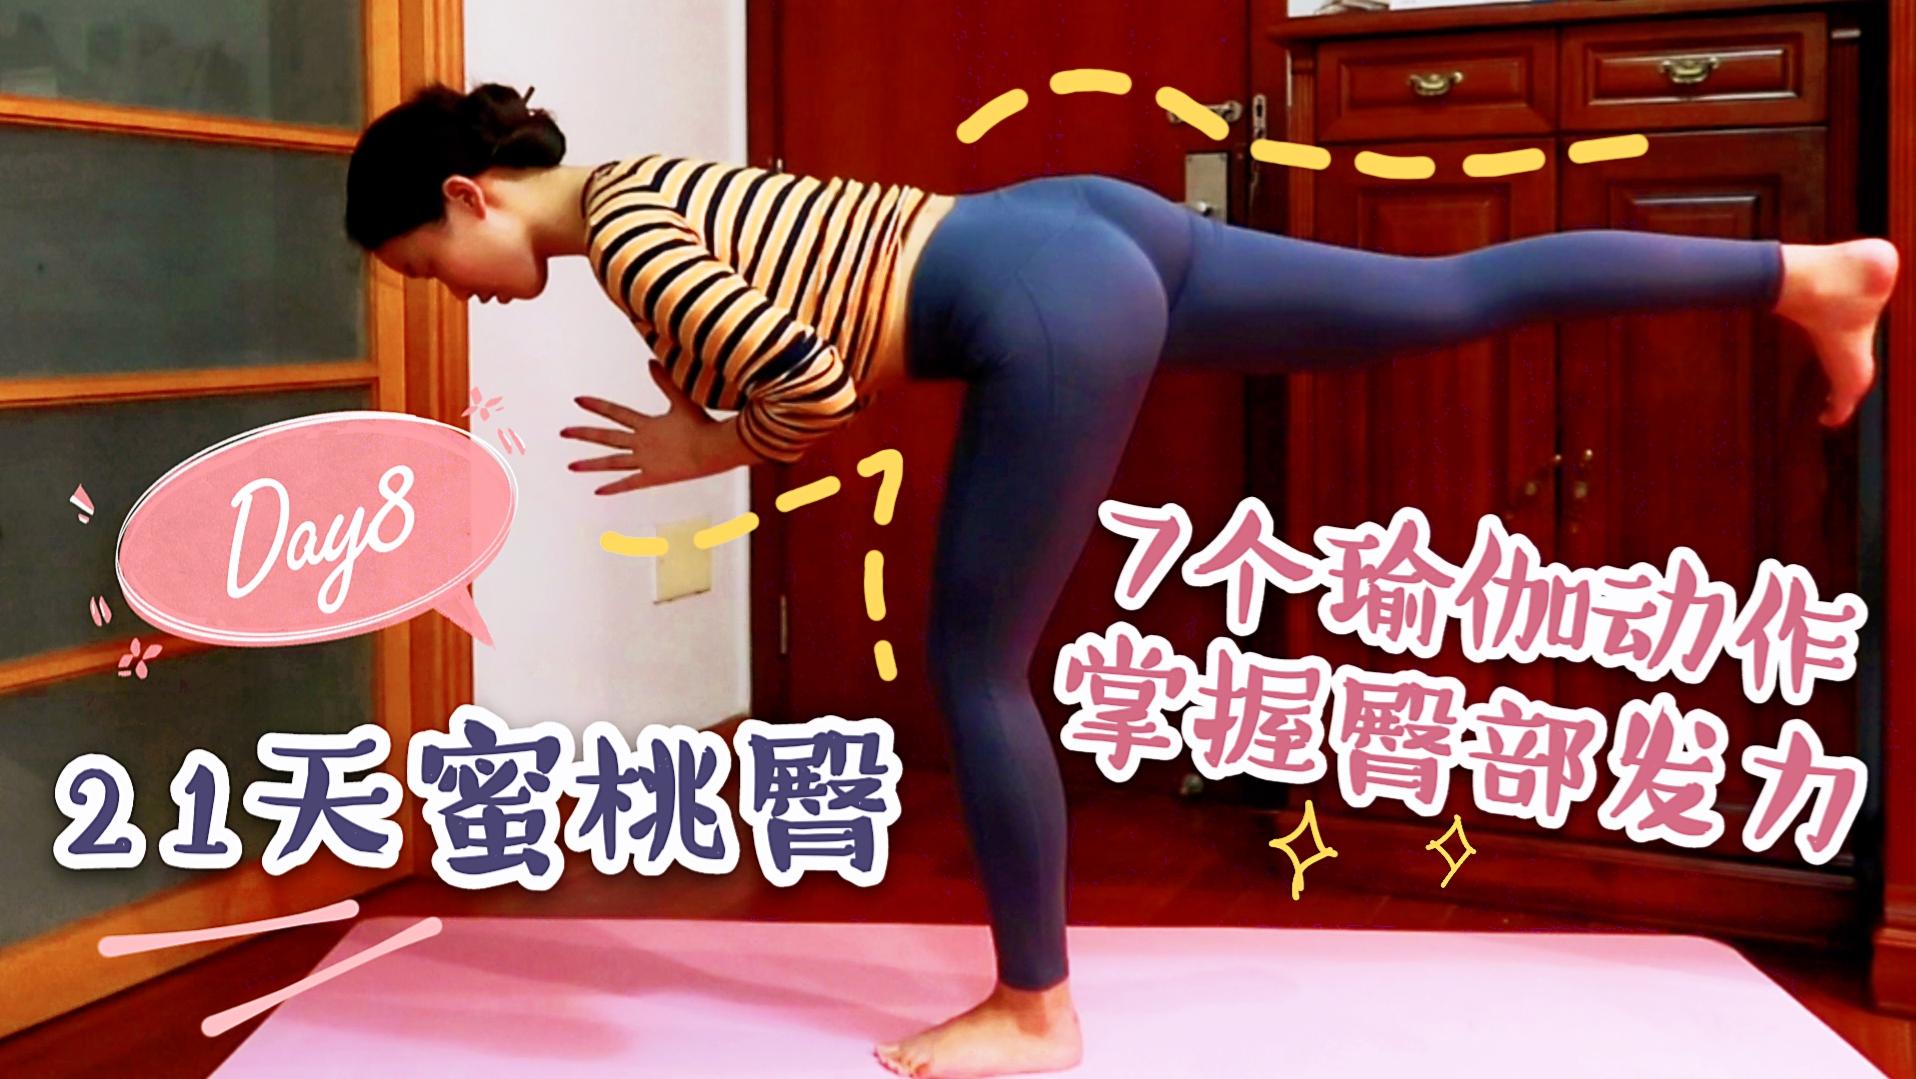 【初夏健身打卡】21天蜜桃臀计划·08|习练7个帮助臀部发力的瑜伽动作「跟练版」